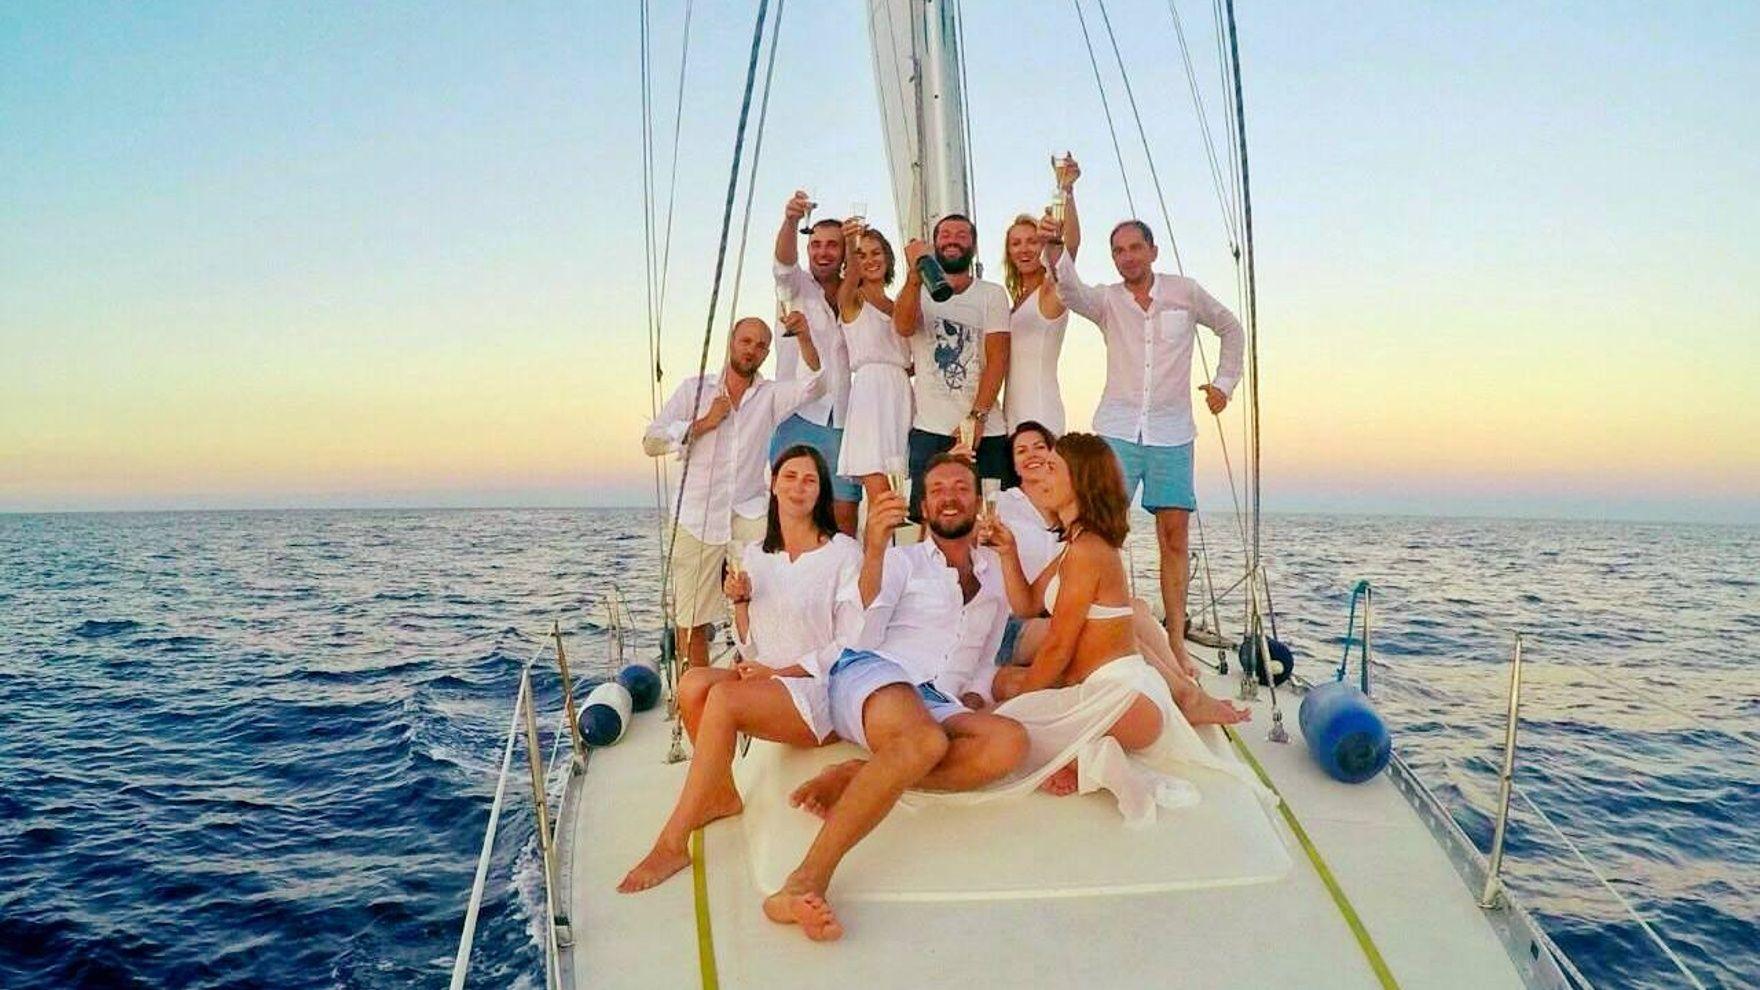 Around Mallorca on a yacht